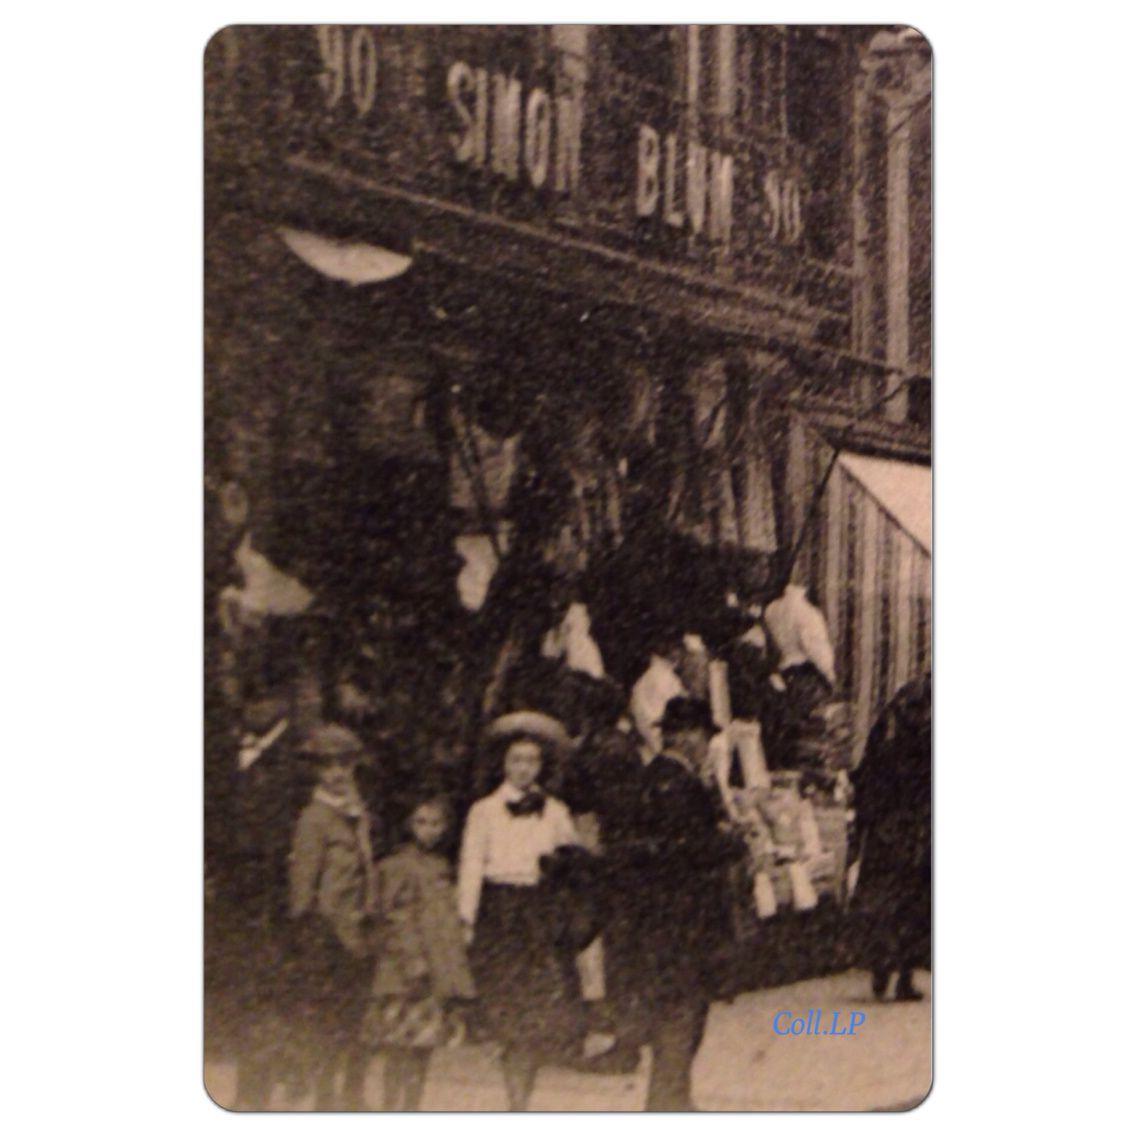 Commerces et vie juives en France. D 2/3